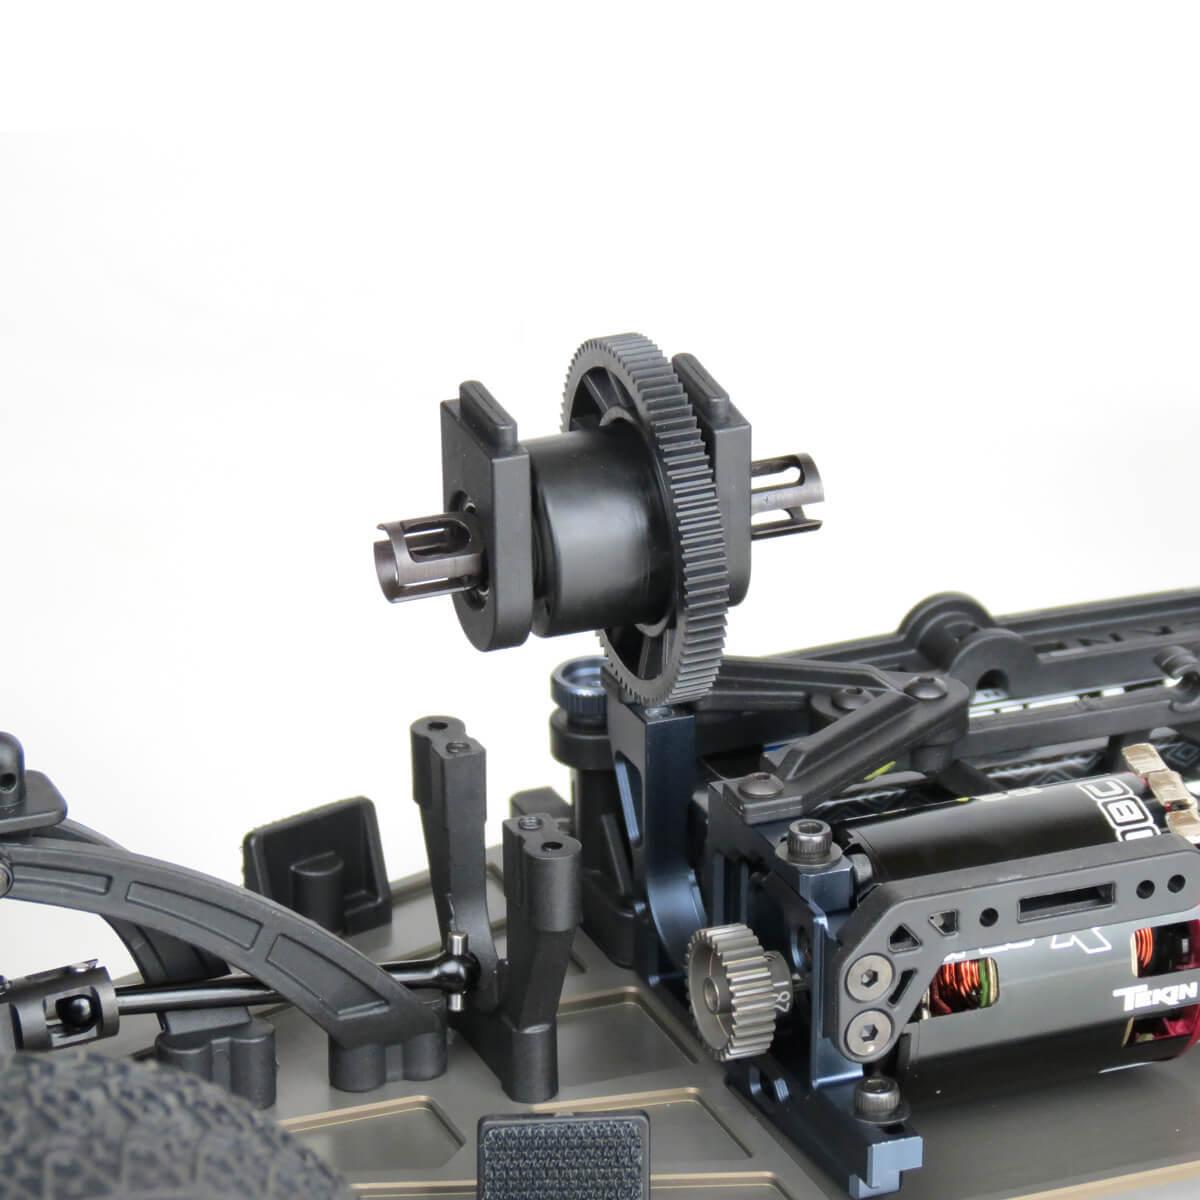 TKR6500 - Tekno RC EB410 - 1/10 4wd Buggy - Modellbau in Graz: Mani ...